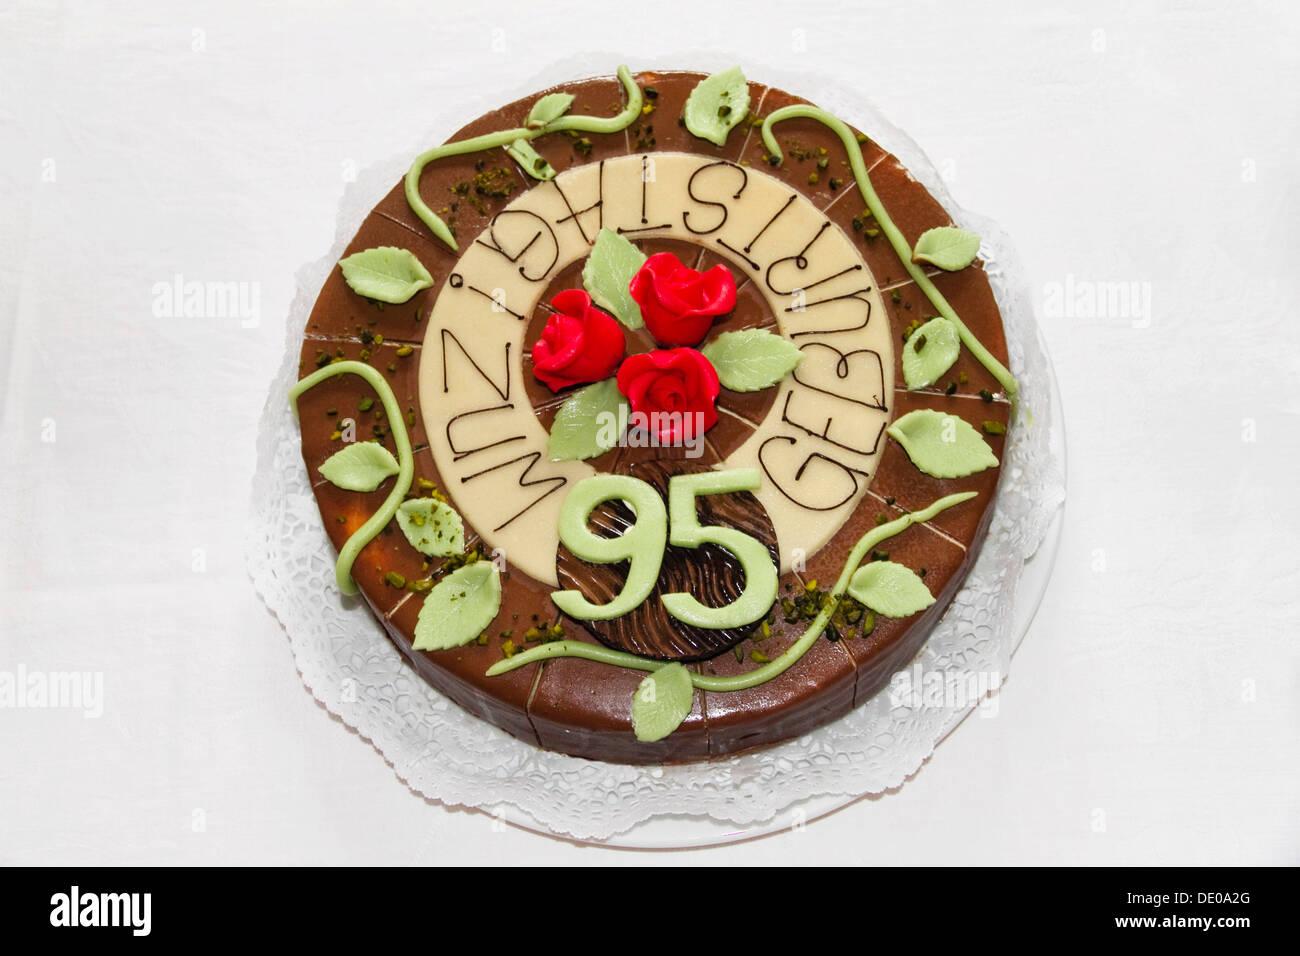 Gâteau d'anniversaire, 95e anniversaire Photo Stock